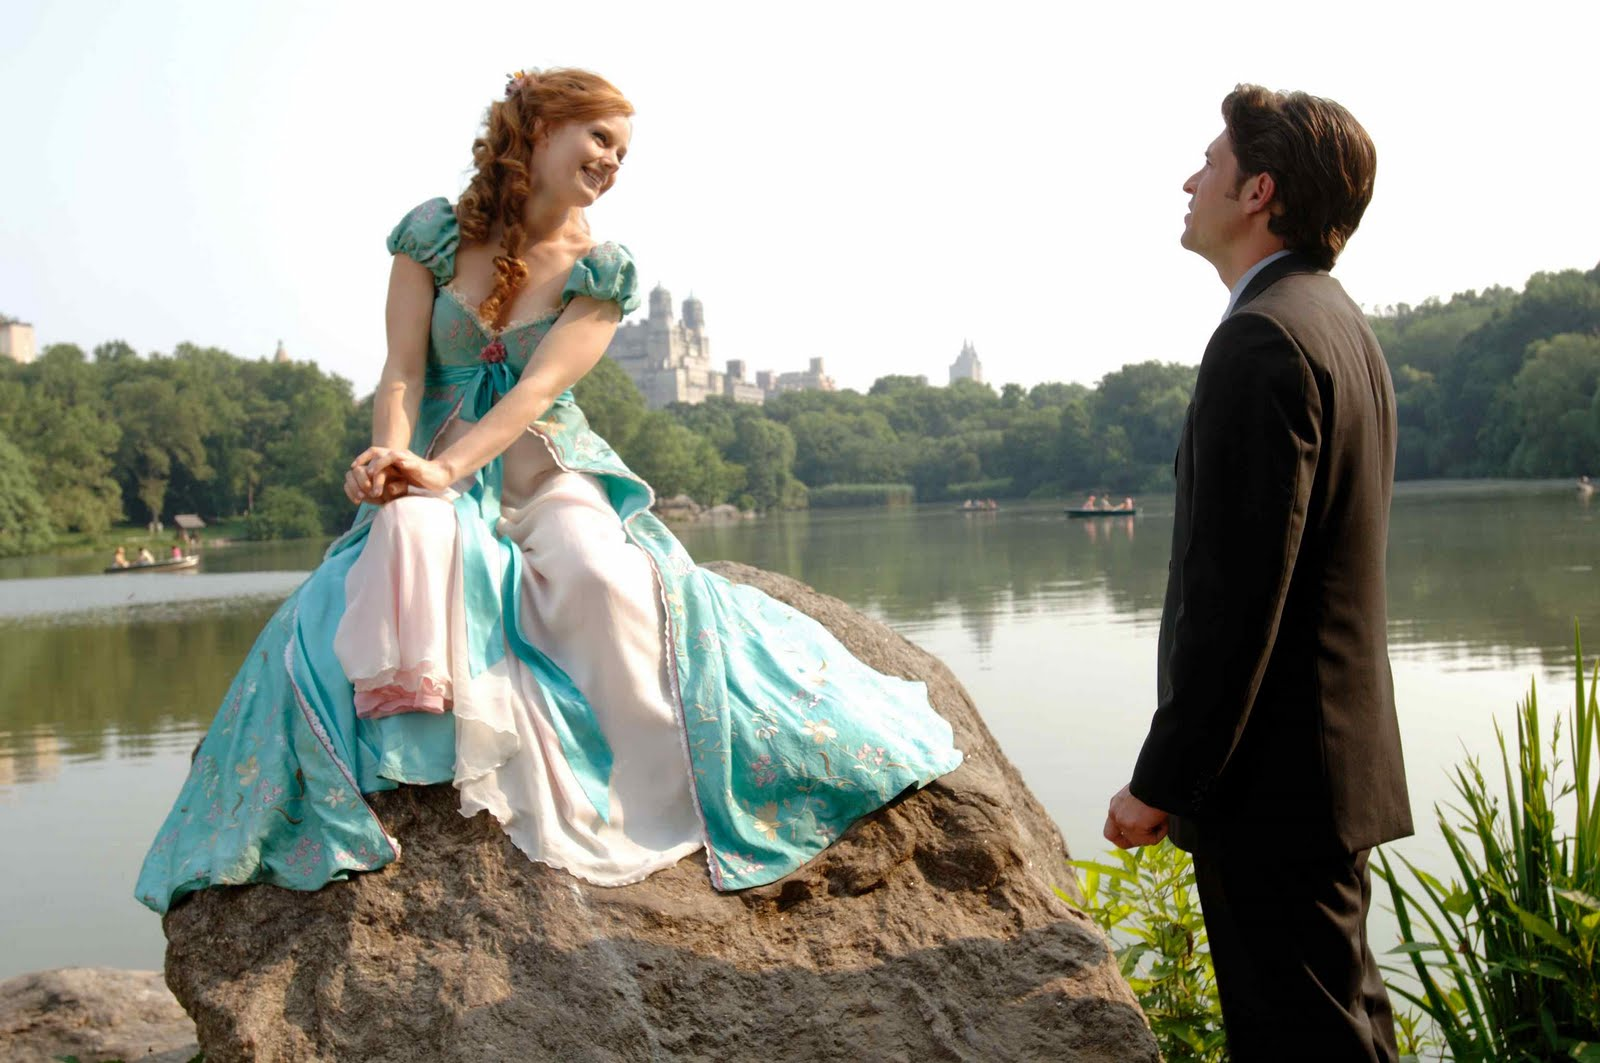 http://4.bp.blogspot.com/_KzzmyBzkMbE/S8B1o8c6uyI/AAAAAAAAAO8/tL5bj8HX8R8/s1600/2007_enchanted_035.jpg